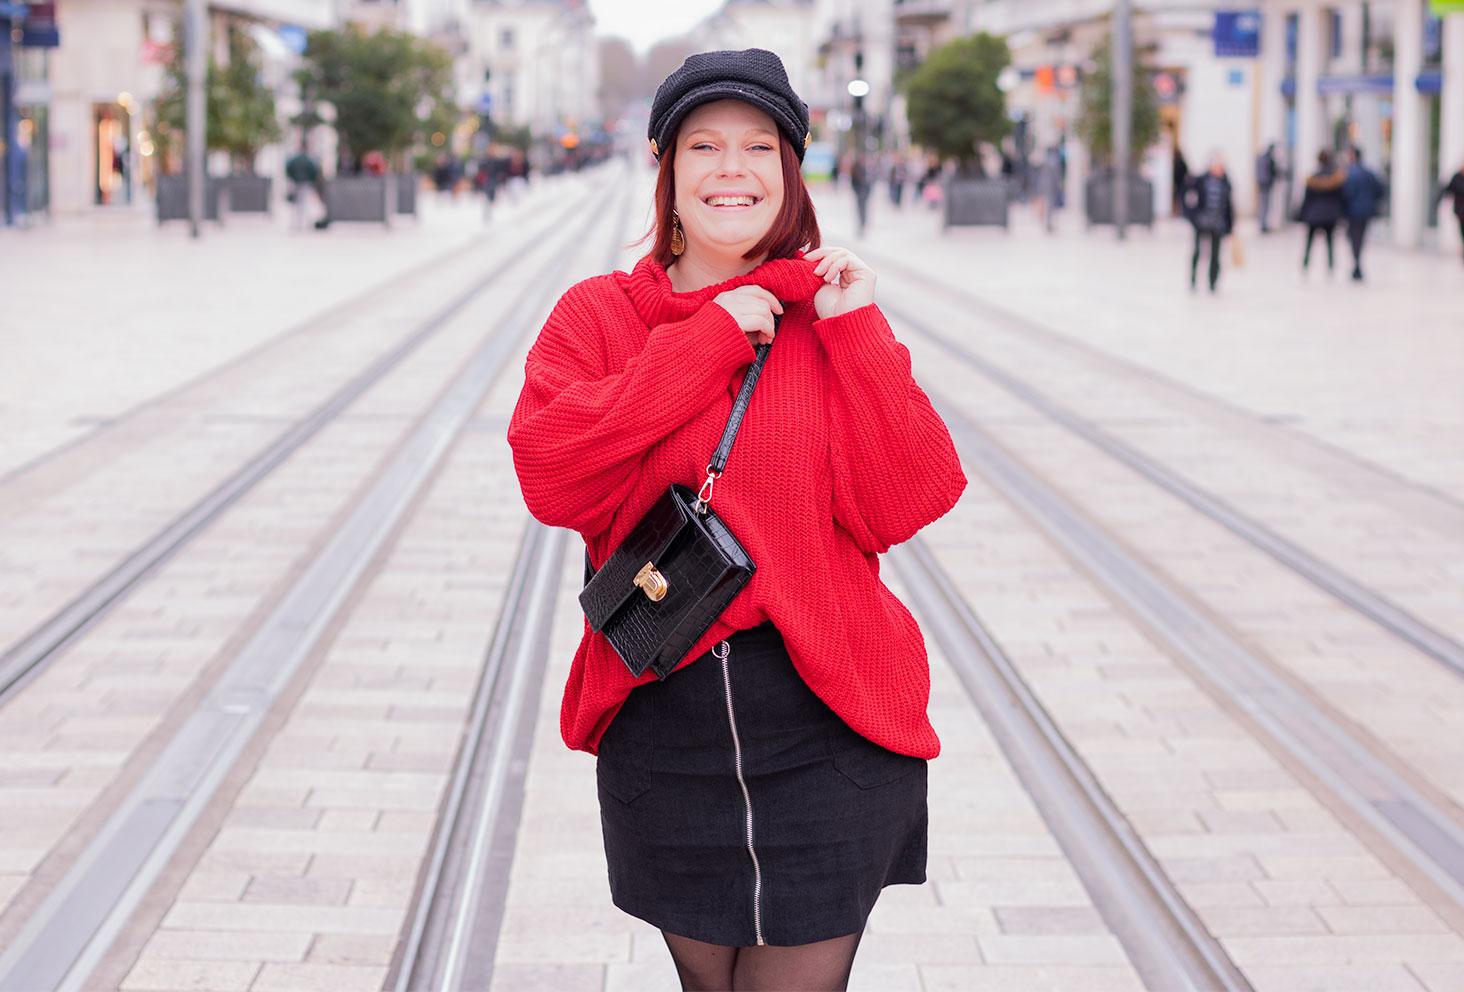 Harcèlement de rue et chien de la casse, dans un article autour d'un look Shein en rouge et noir